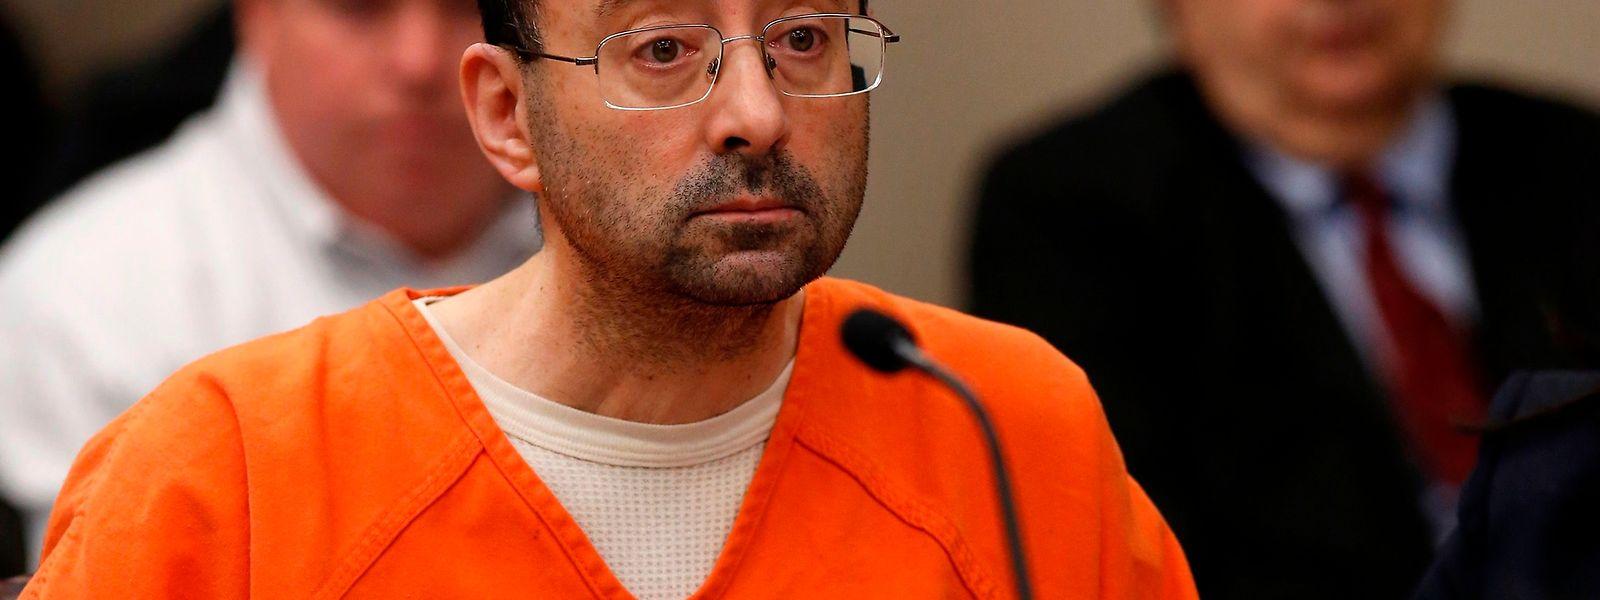 Dem Mann drohen weitere 25 bis 40 Jahre Haft in einem zweiten Strafverfahren.